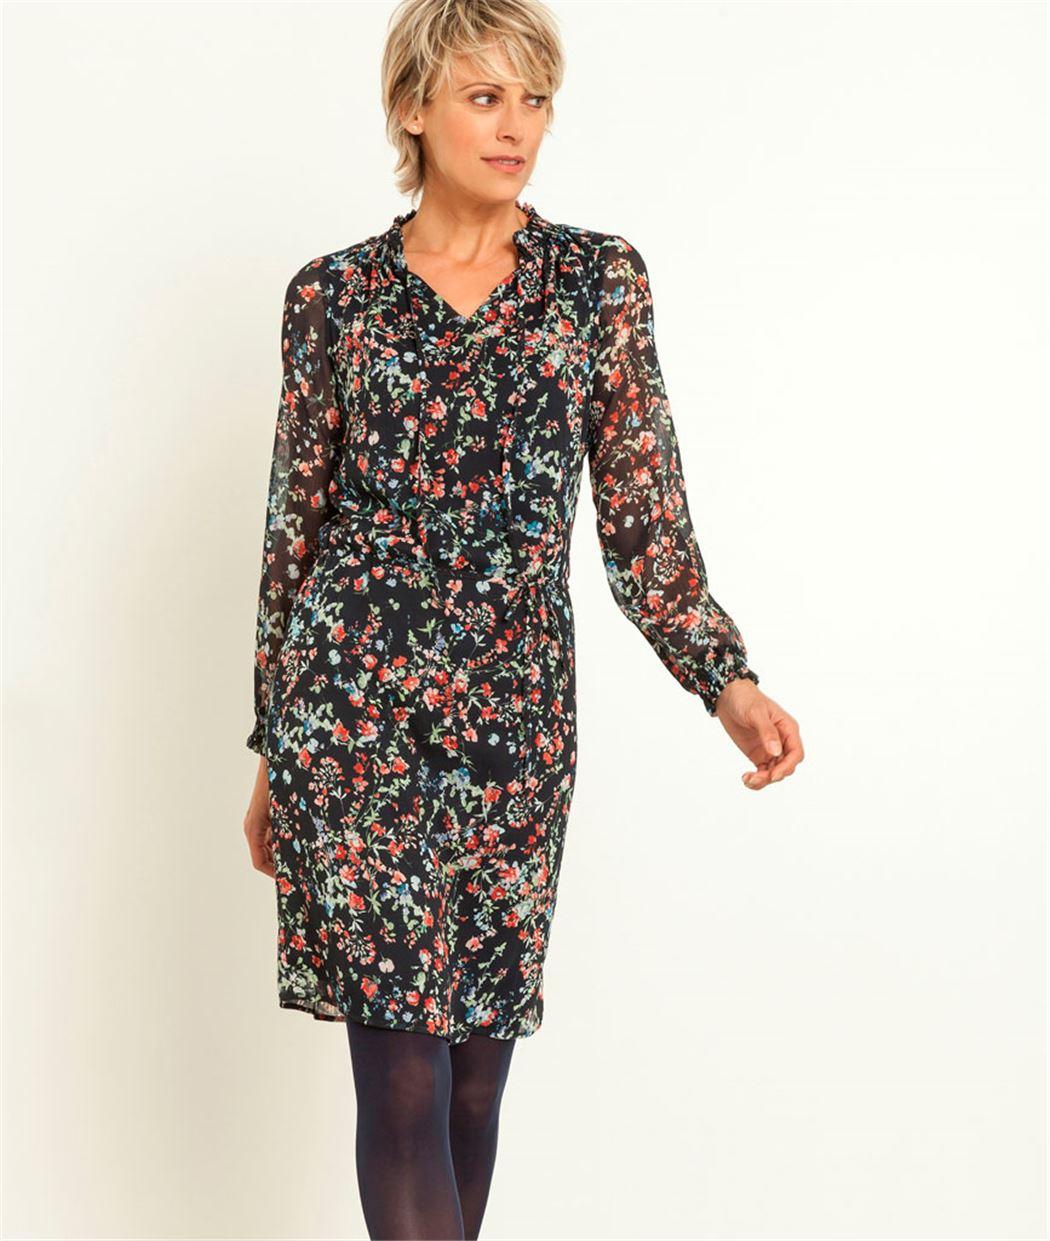 robe femme imprim floral marine grain de malice. Black Bedroom Furniture Sets. Home Design Ideas